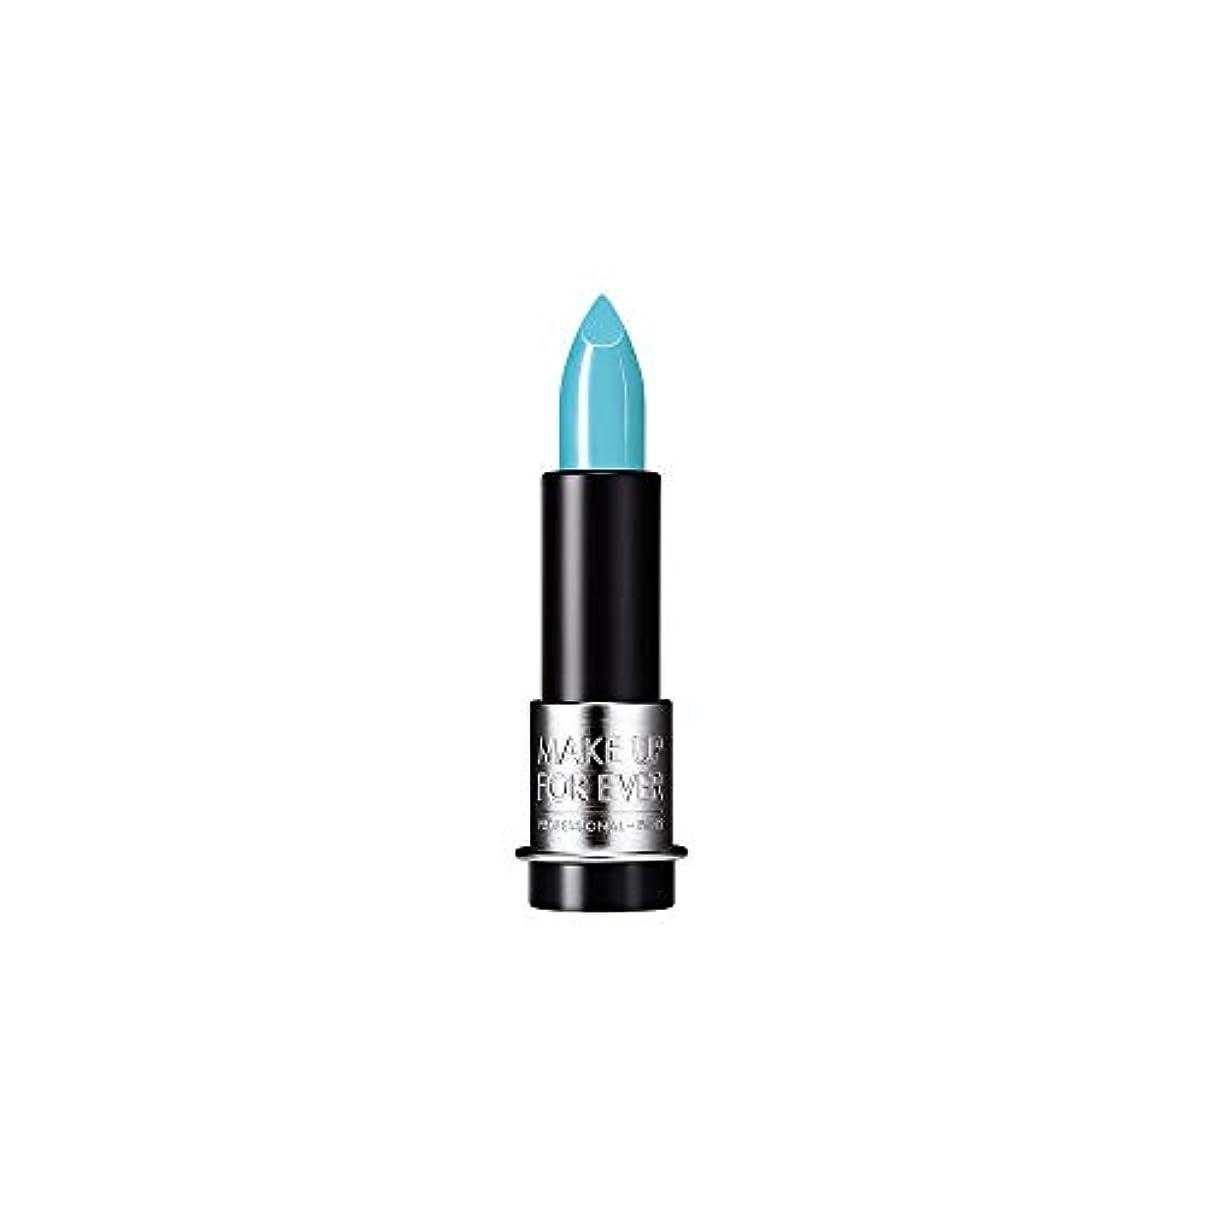 救援創傷切り離す[MAKE UP FOR EVER] これまでアーティストルージュクリーム口紅3.5グラムのC602を補う - ターコイズブルー - MAKE UP FOR EVER Artist Rouge Creme Lipstick...